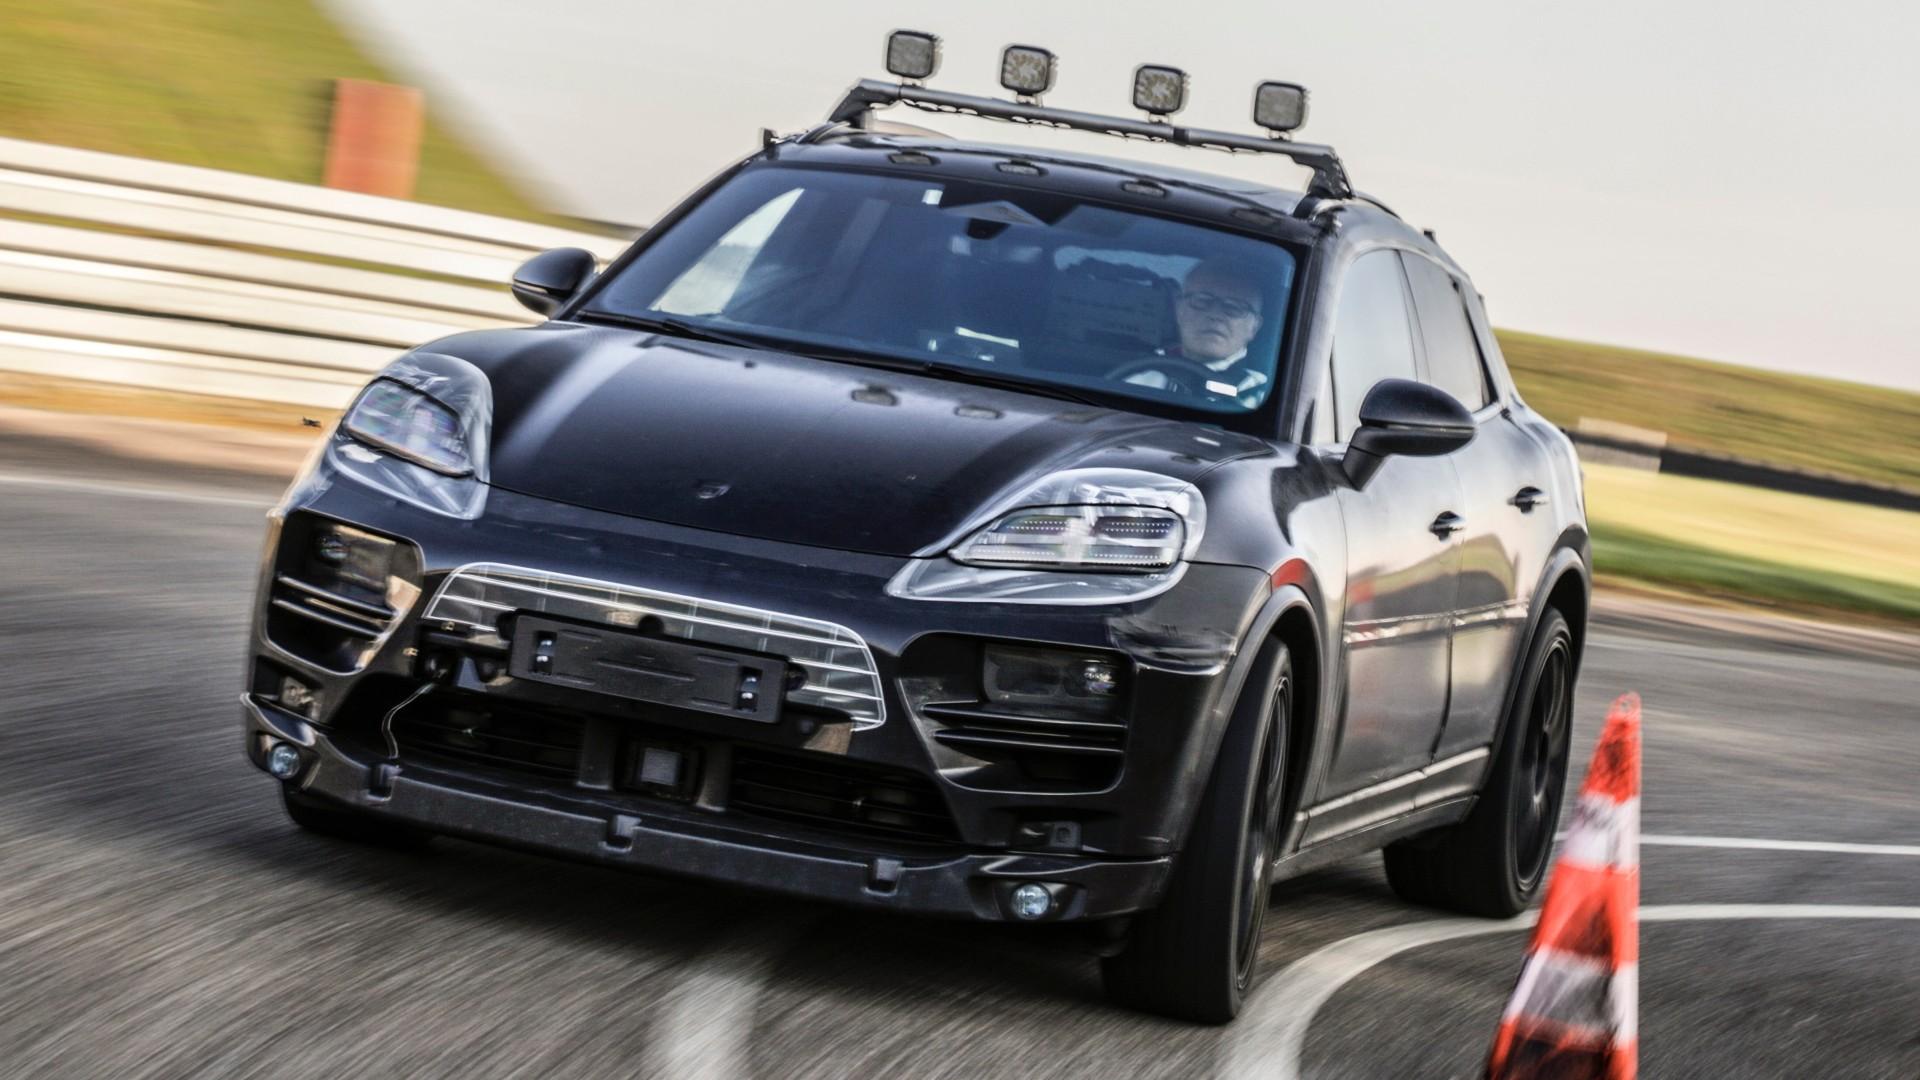 H Porsche ξεκίνησε τις δοκιμές εξέλιξης της ηλεκτρικής Macan (pics)